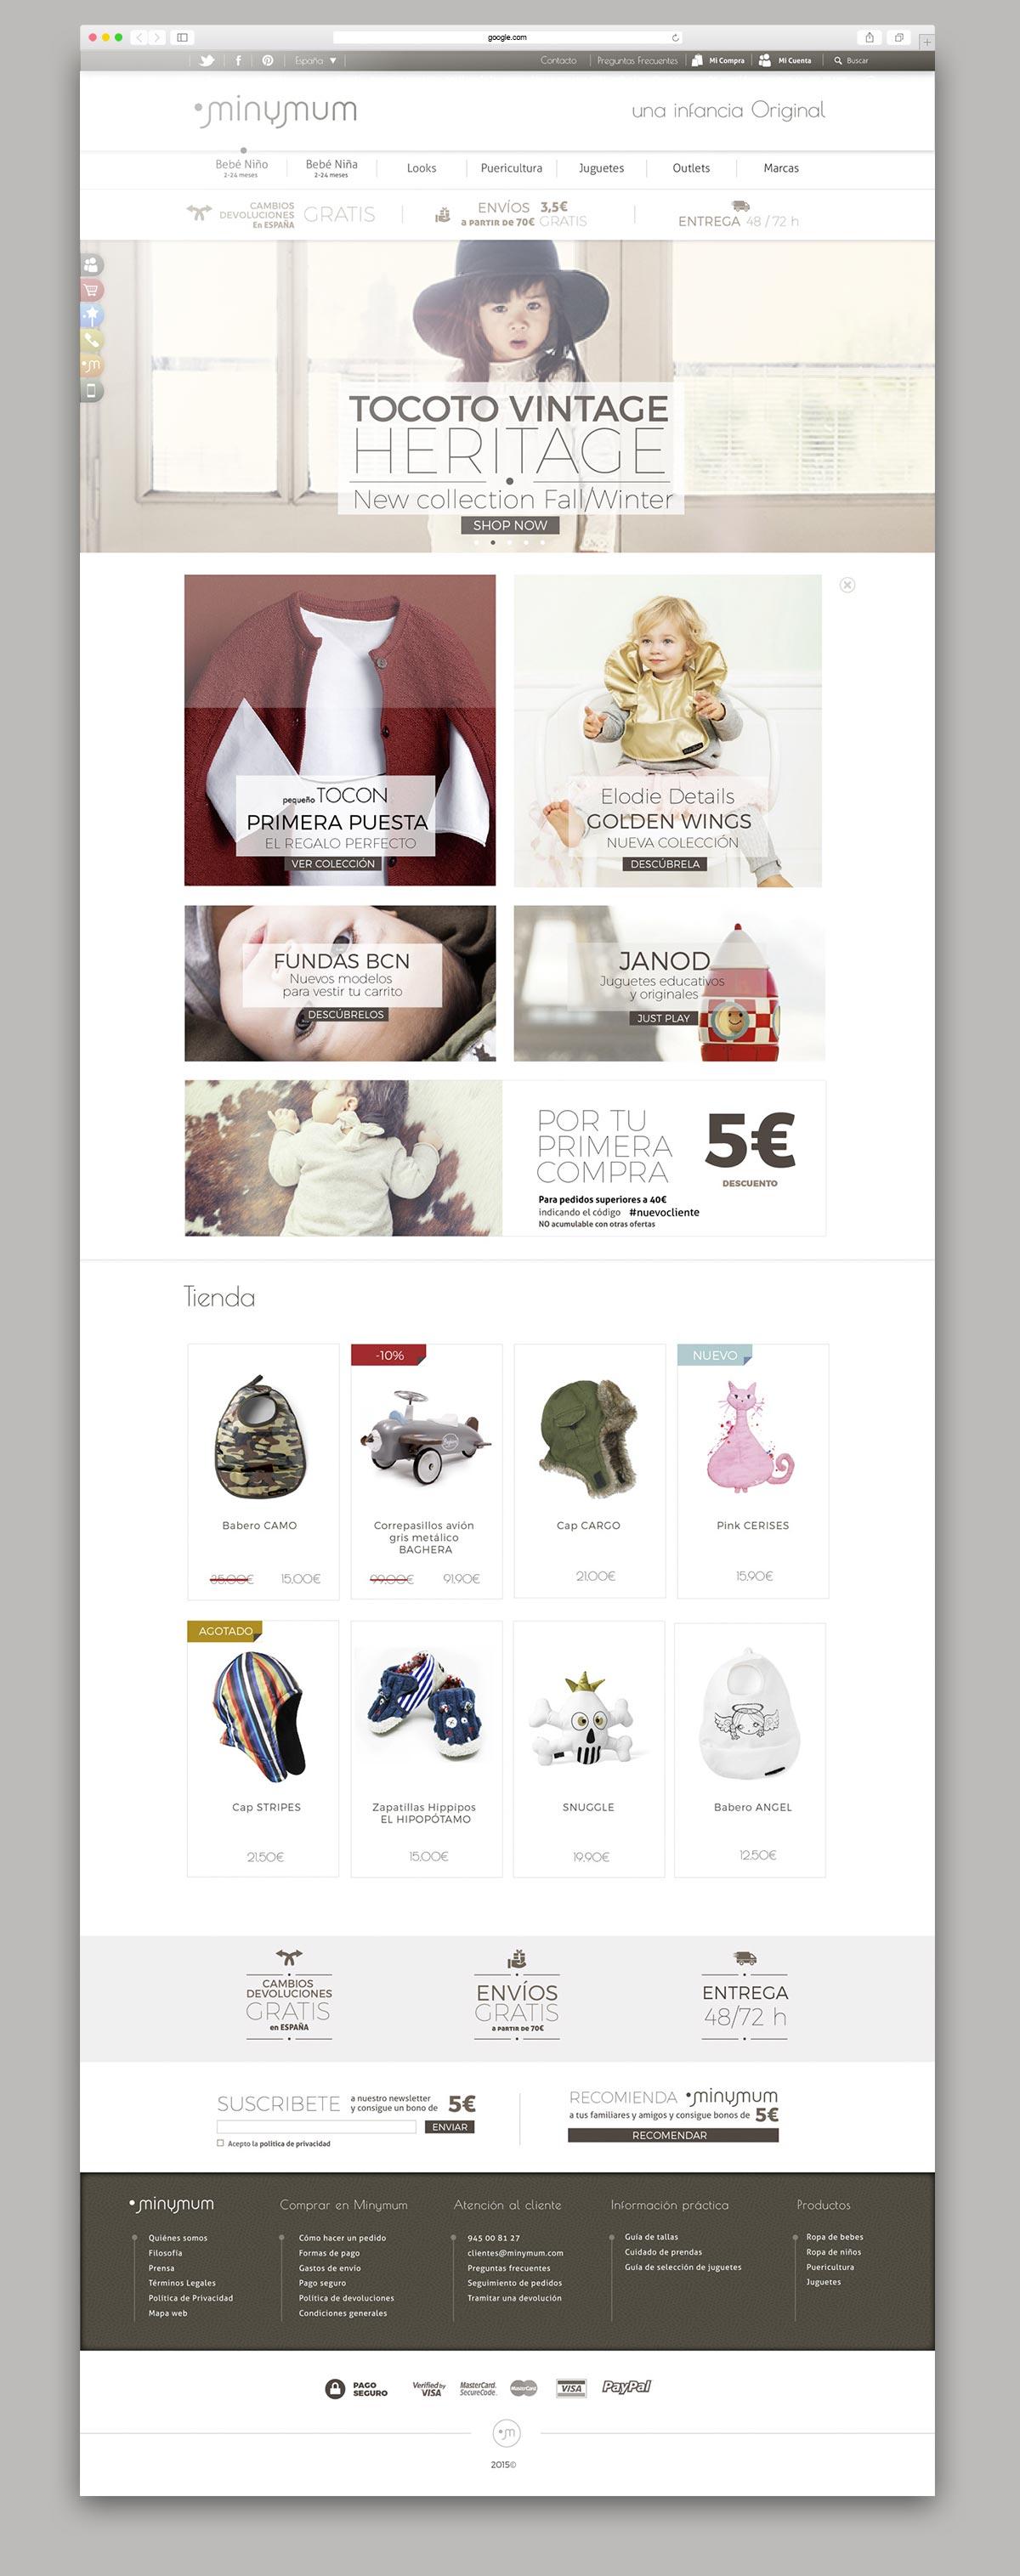 Diseño UI-UX. Identidad corporativa, Minymum. Humanos Unidos Comunicación. Vitoria-Gasteiz